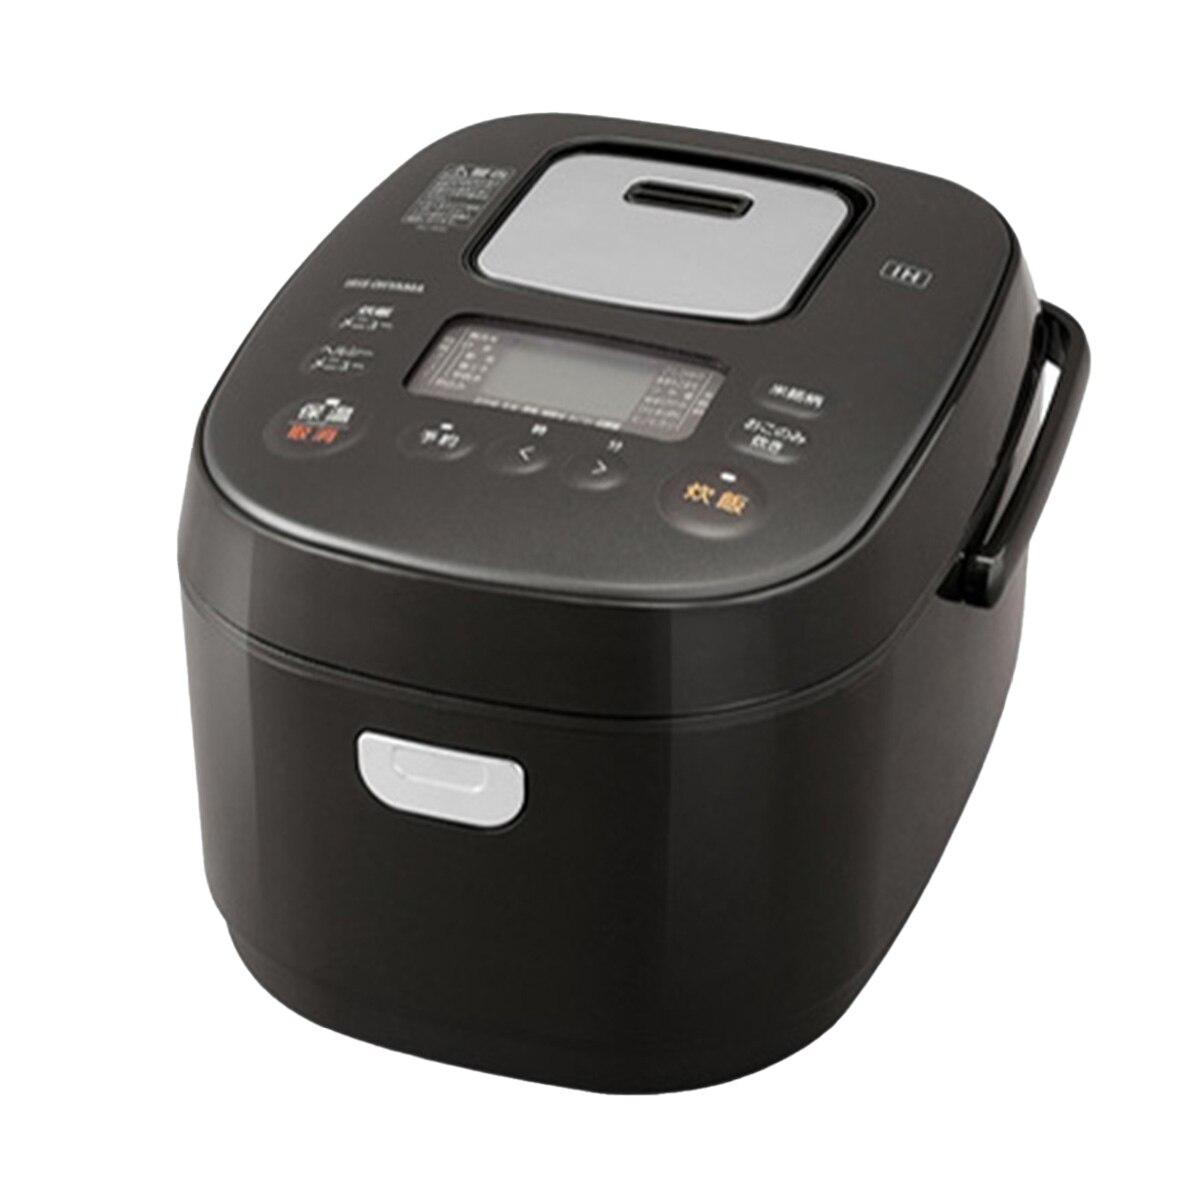 アイリスオーヤマ IHジャー炊飯器 5.5合 ブラック RC-IK50-B